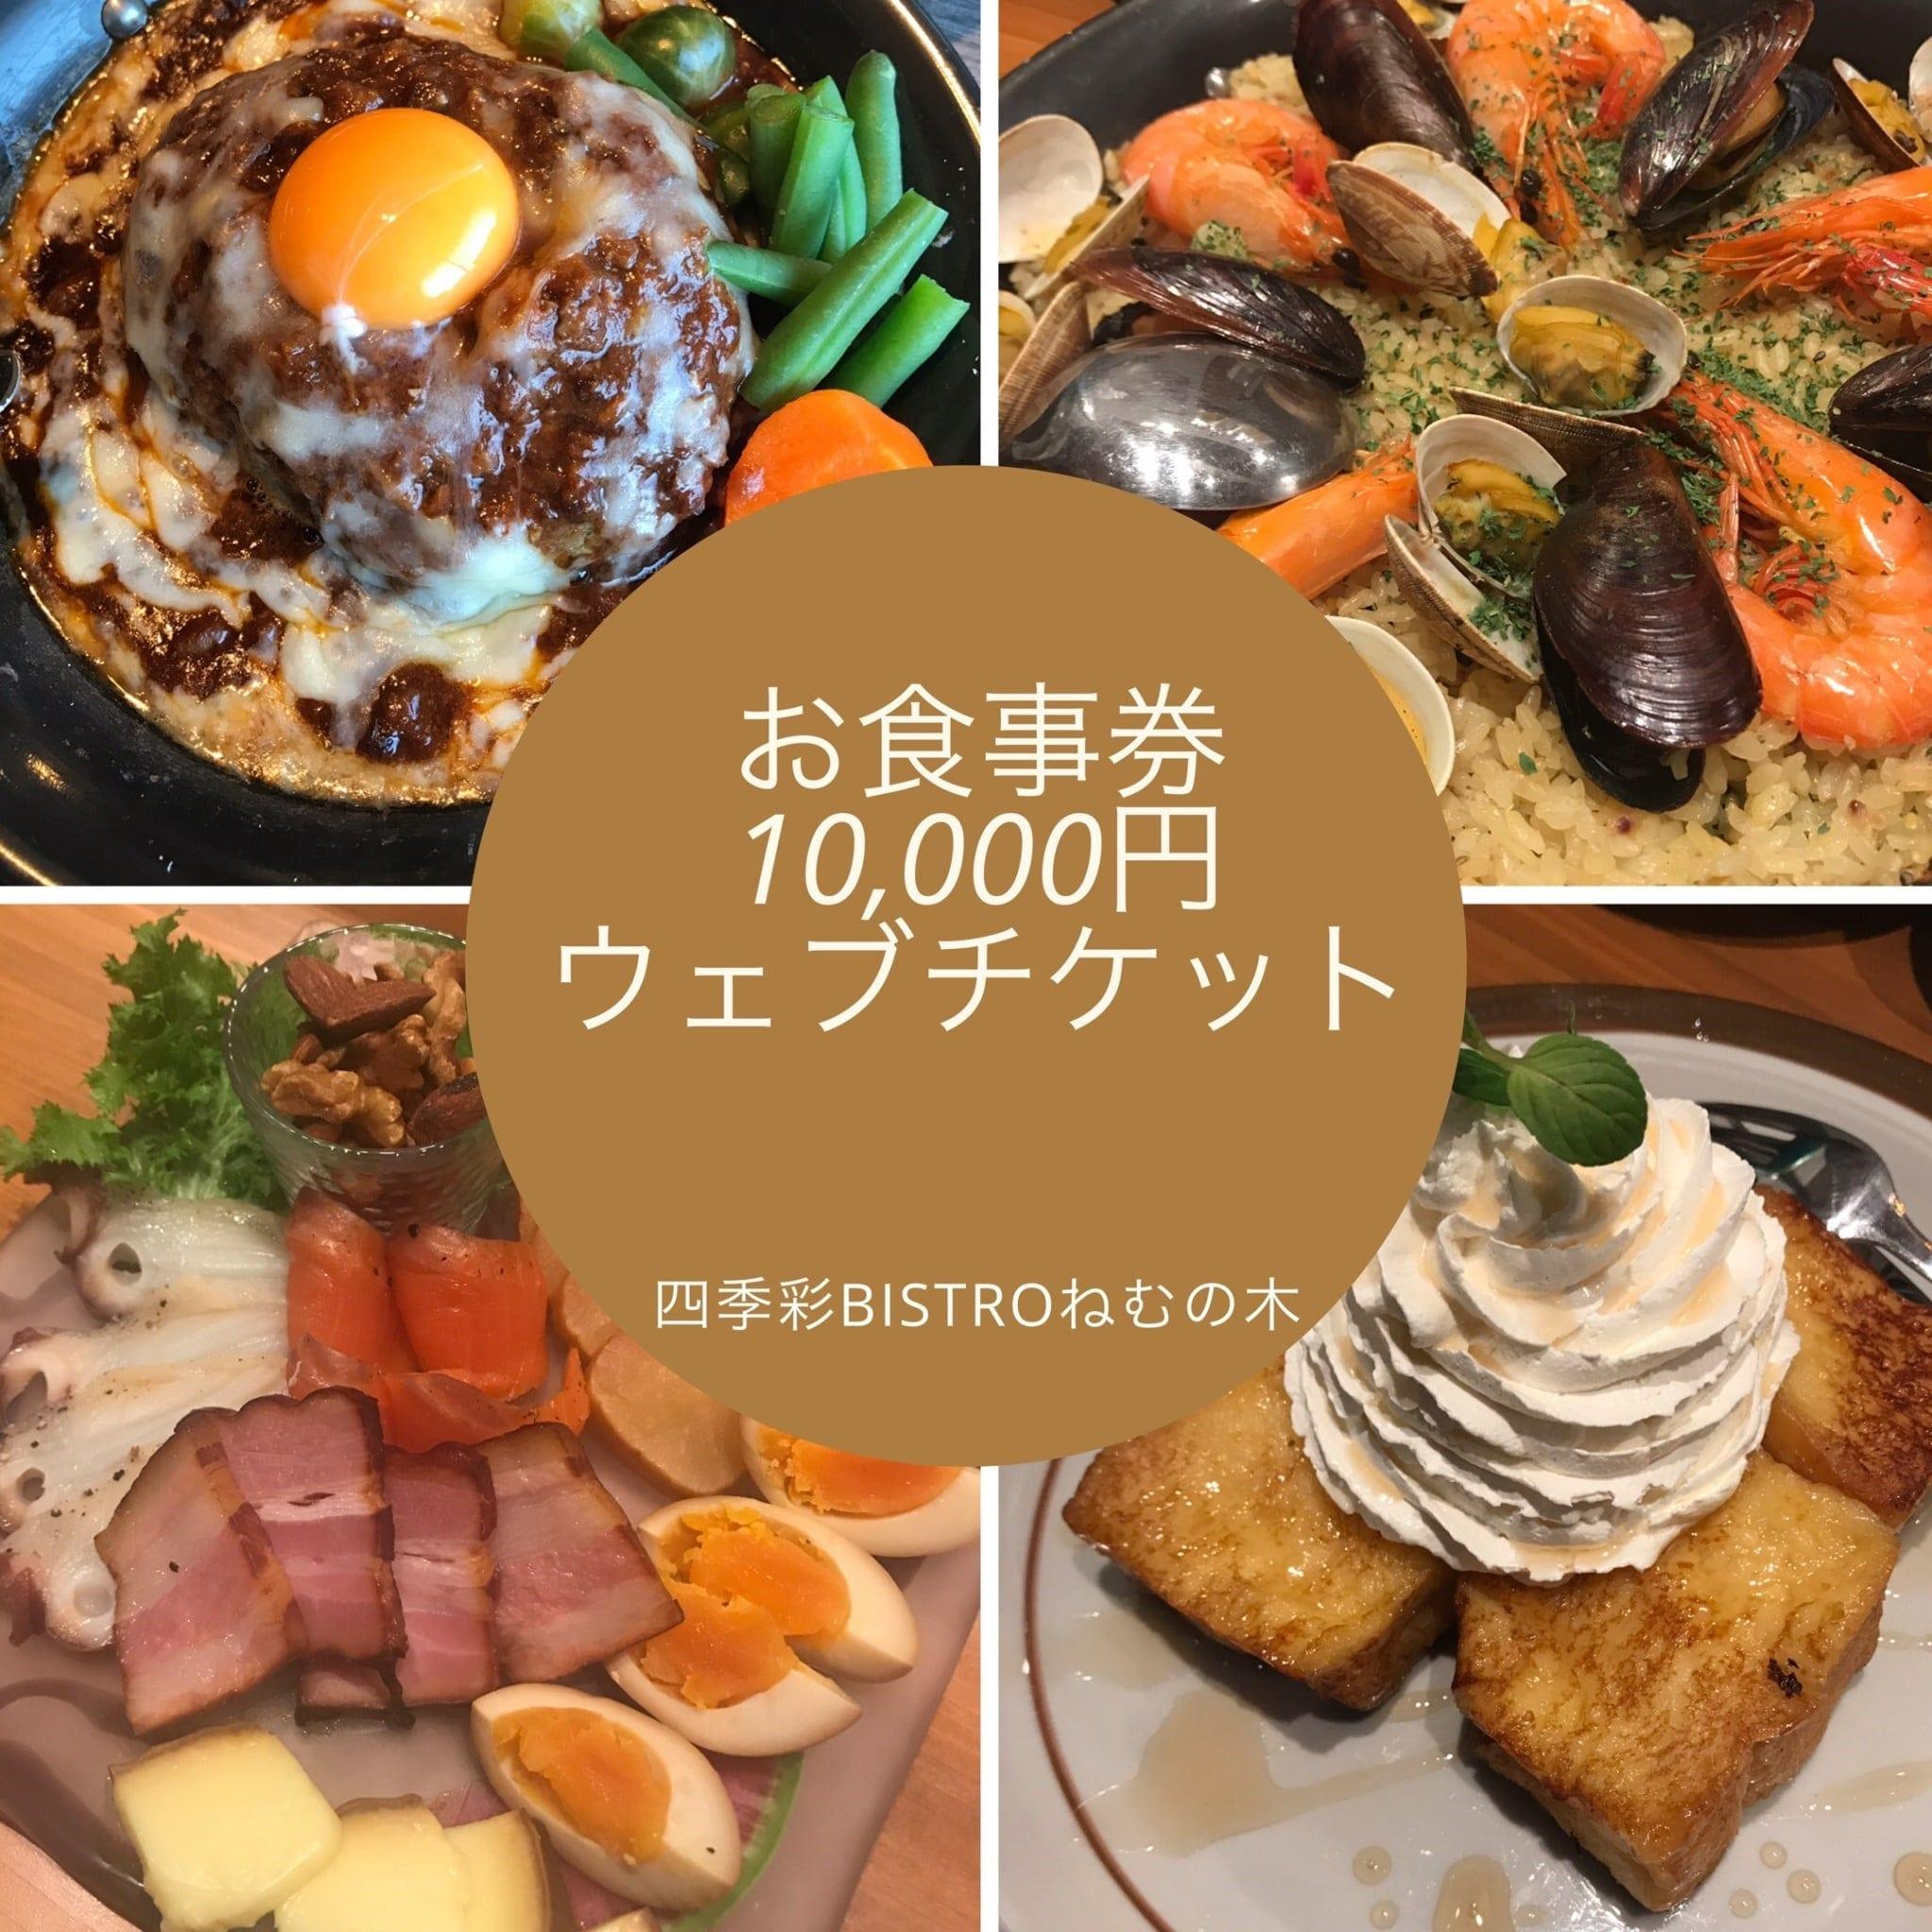 【四季彩BISTRO ねむの木】お食事券10000円ウェブチケット(現地払い専用)のイメージその1